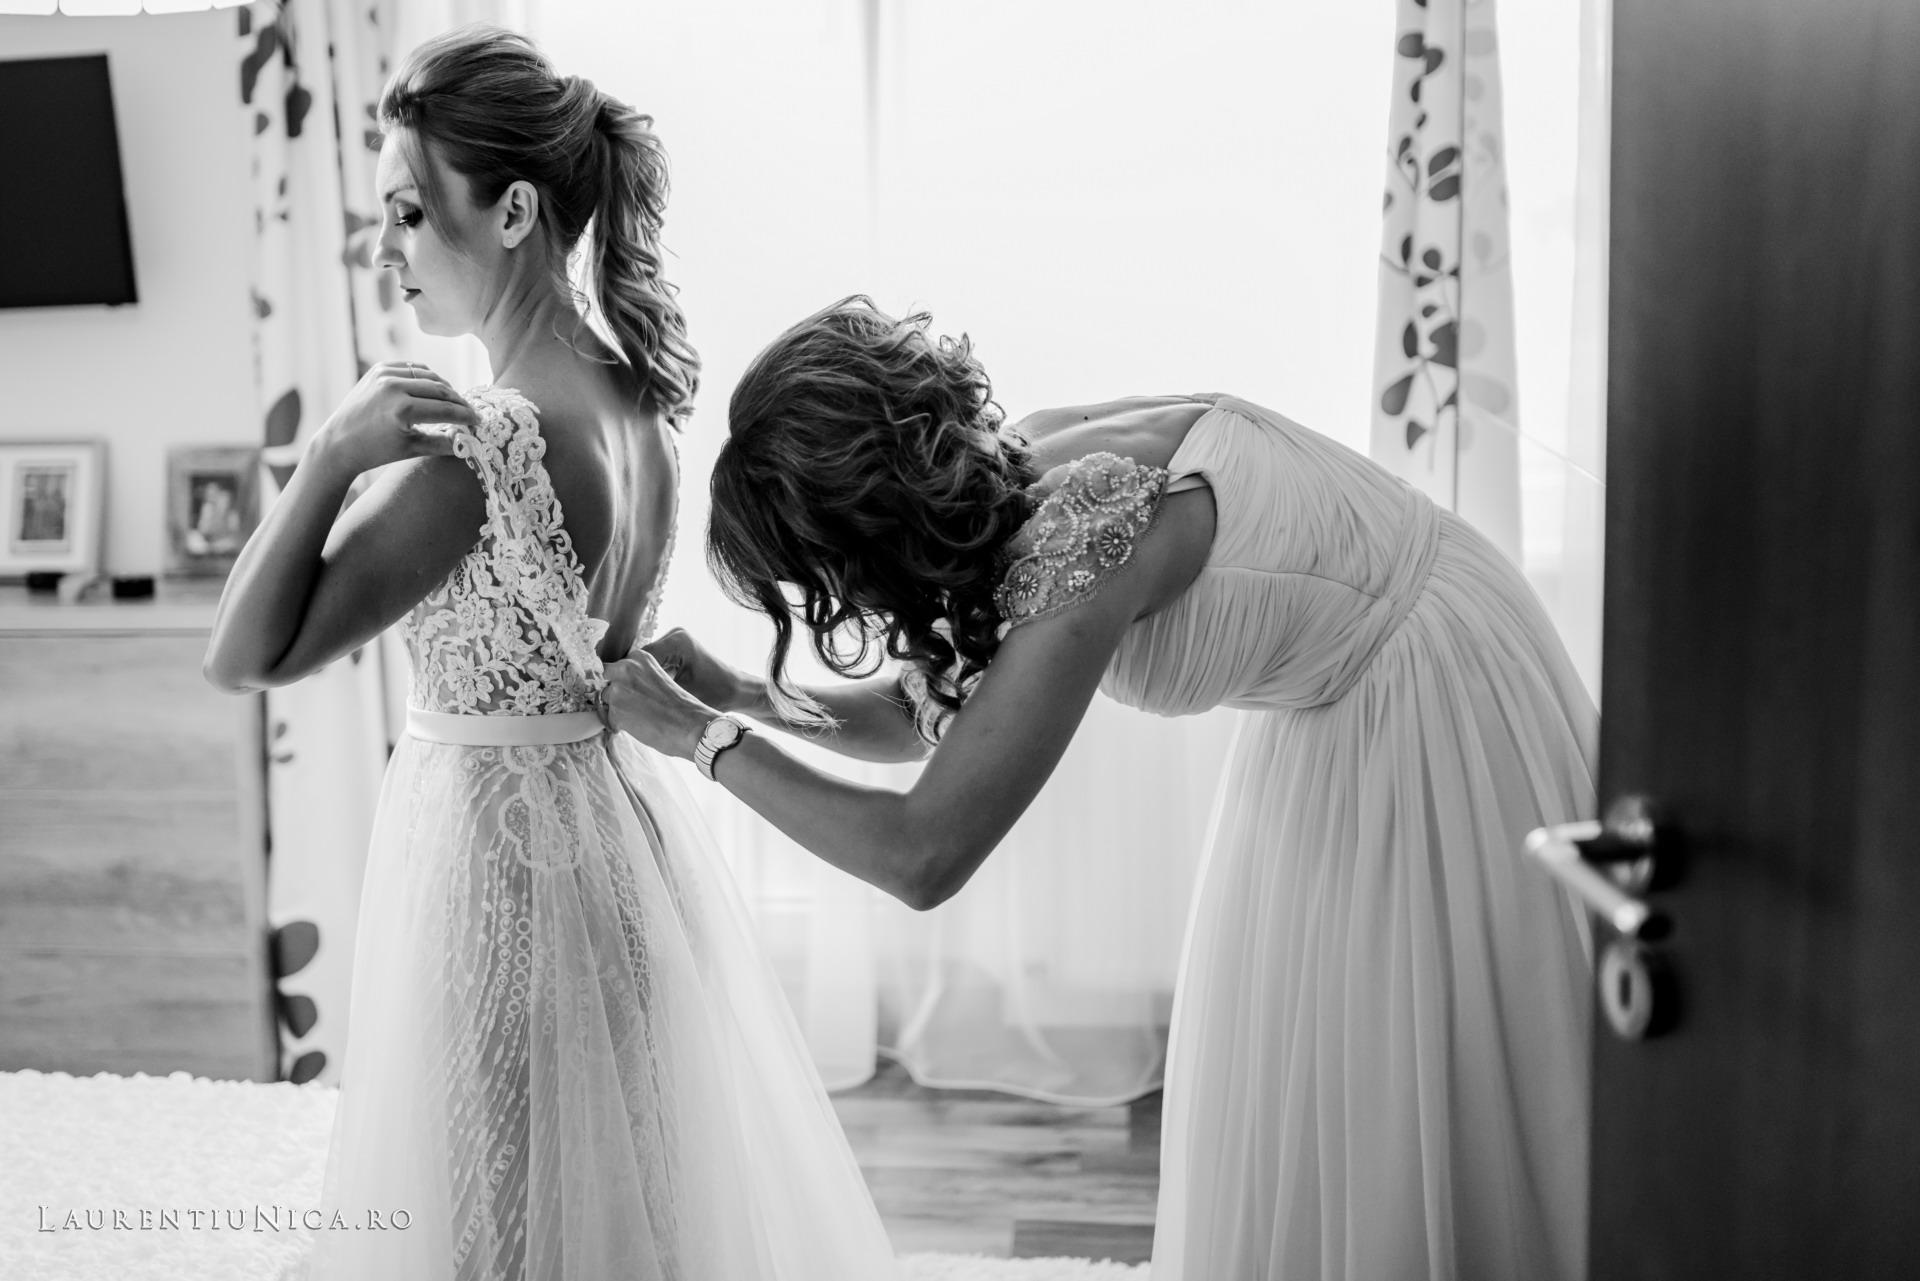 carolina si sorin craiova fotograf nunta laurentiu nica11 - Carolina & Sorin | Fotografii nunta